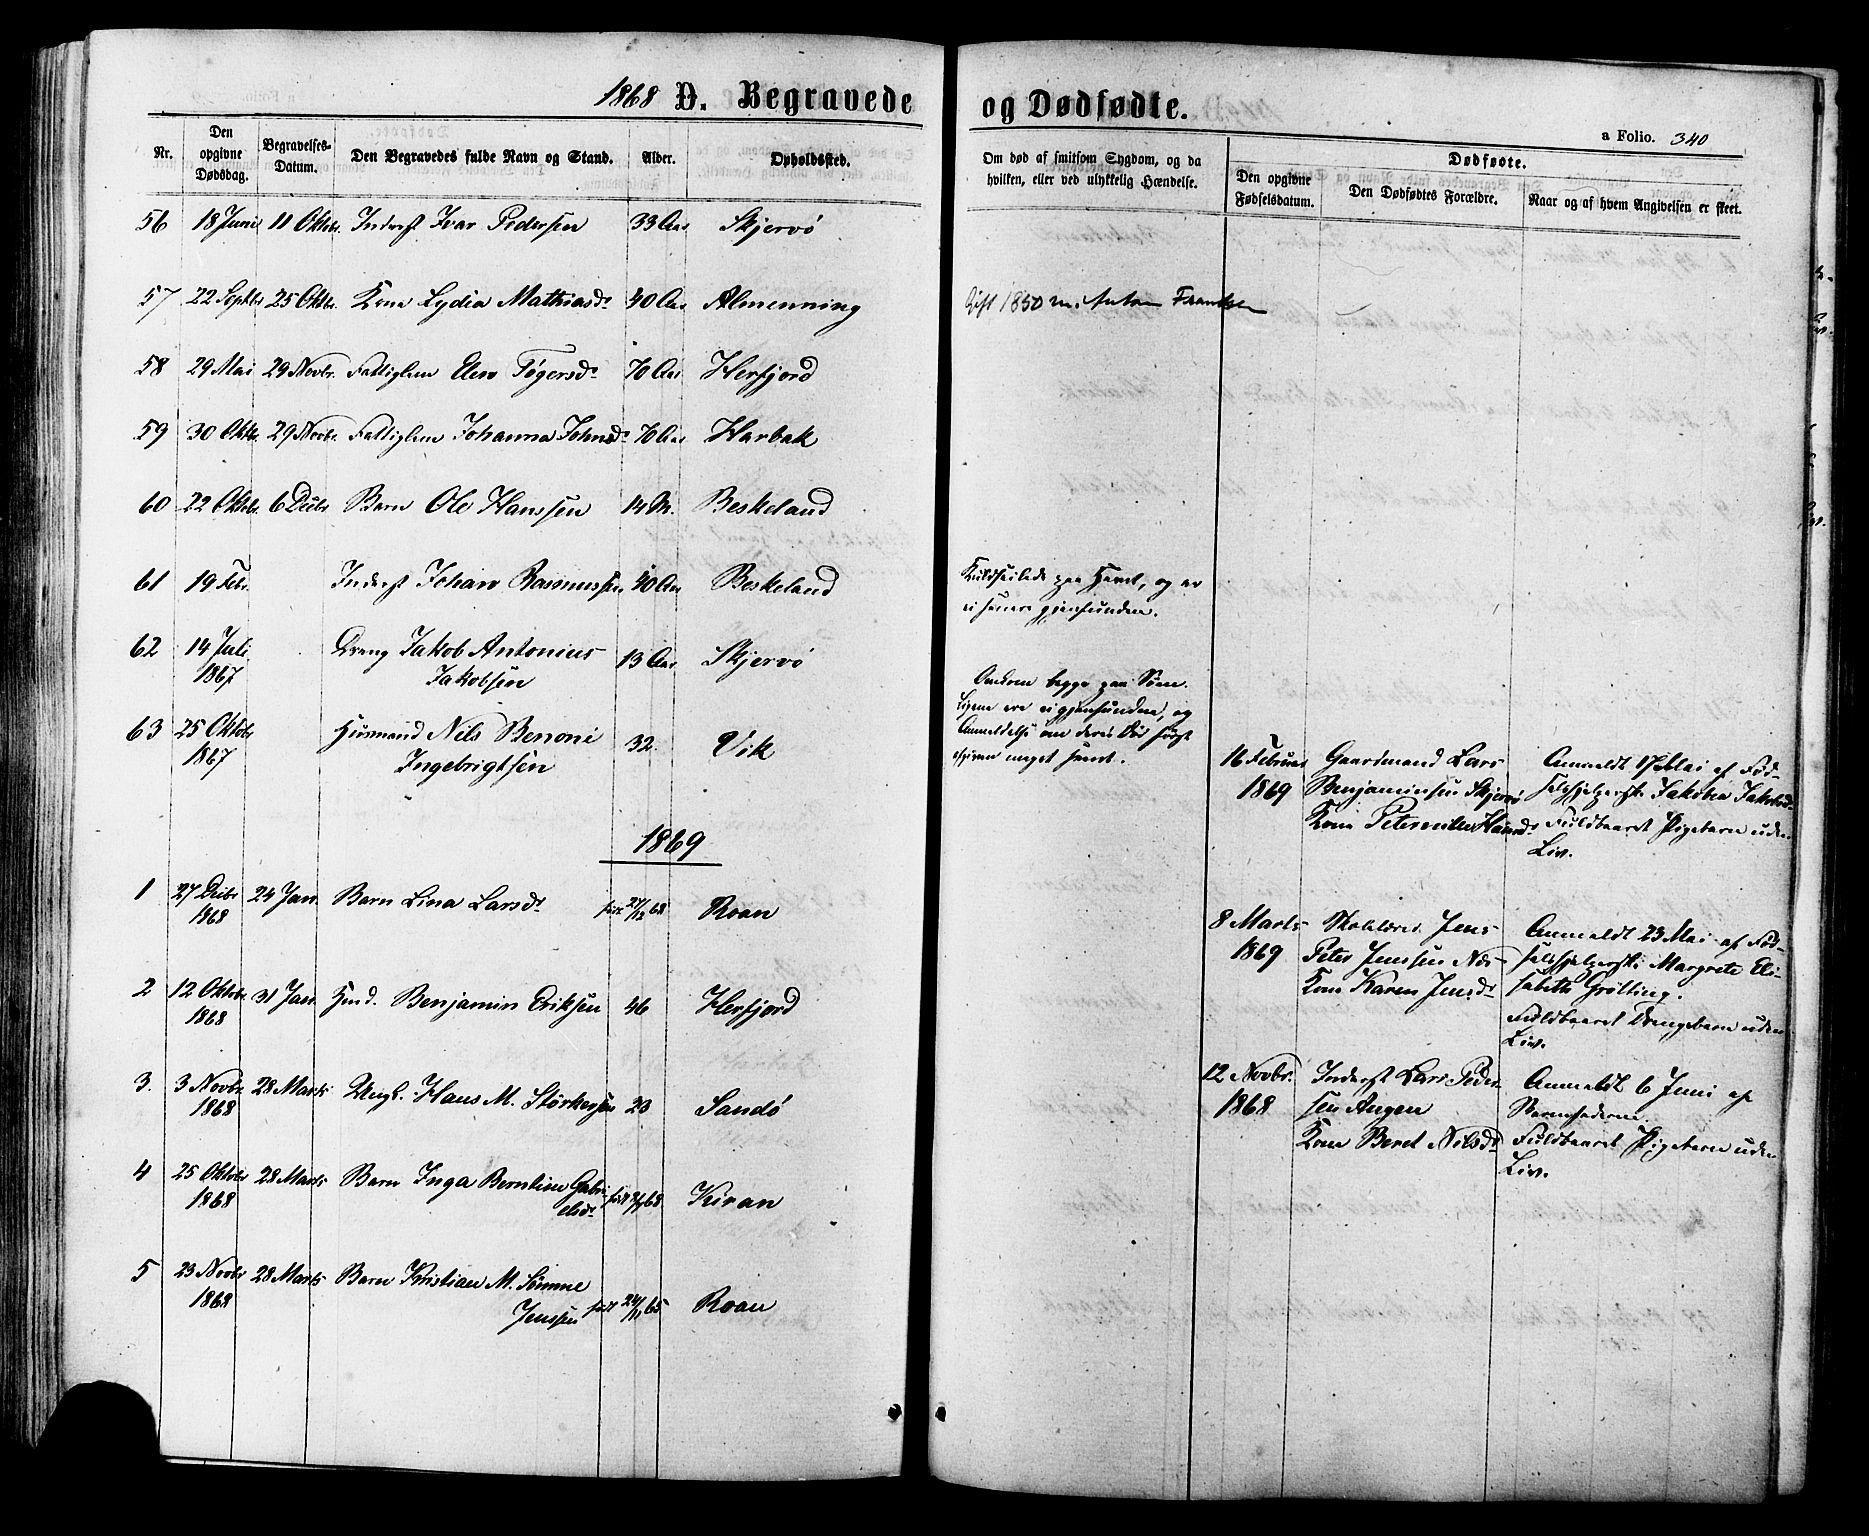 SAT, Ministerialprotokoller, klokkerbøker og fødselsregistre - Sør-Trøndelag, 657/L0706: Ministerialbok nr. 657A07, 1867-1878, s. 340